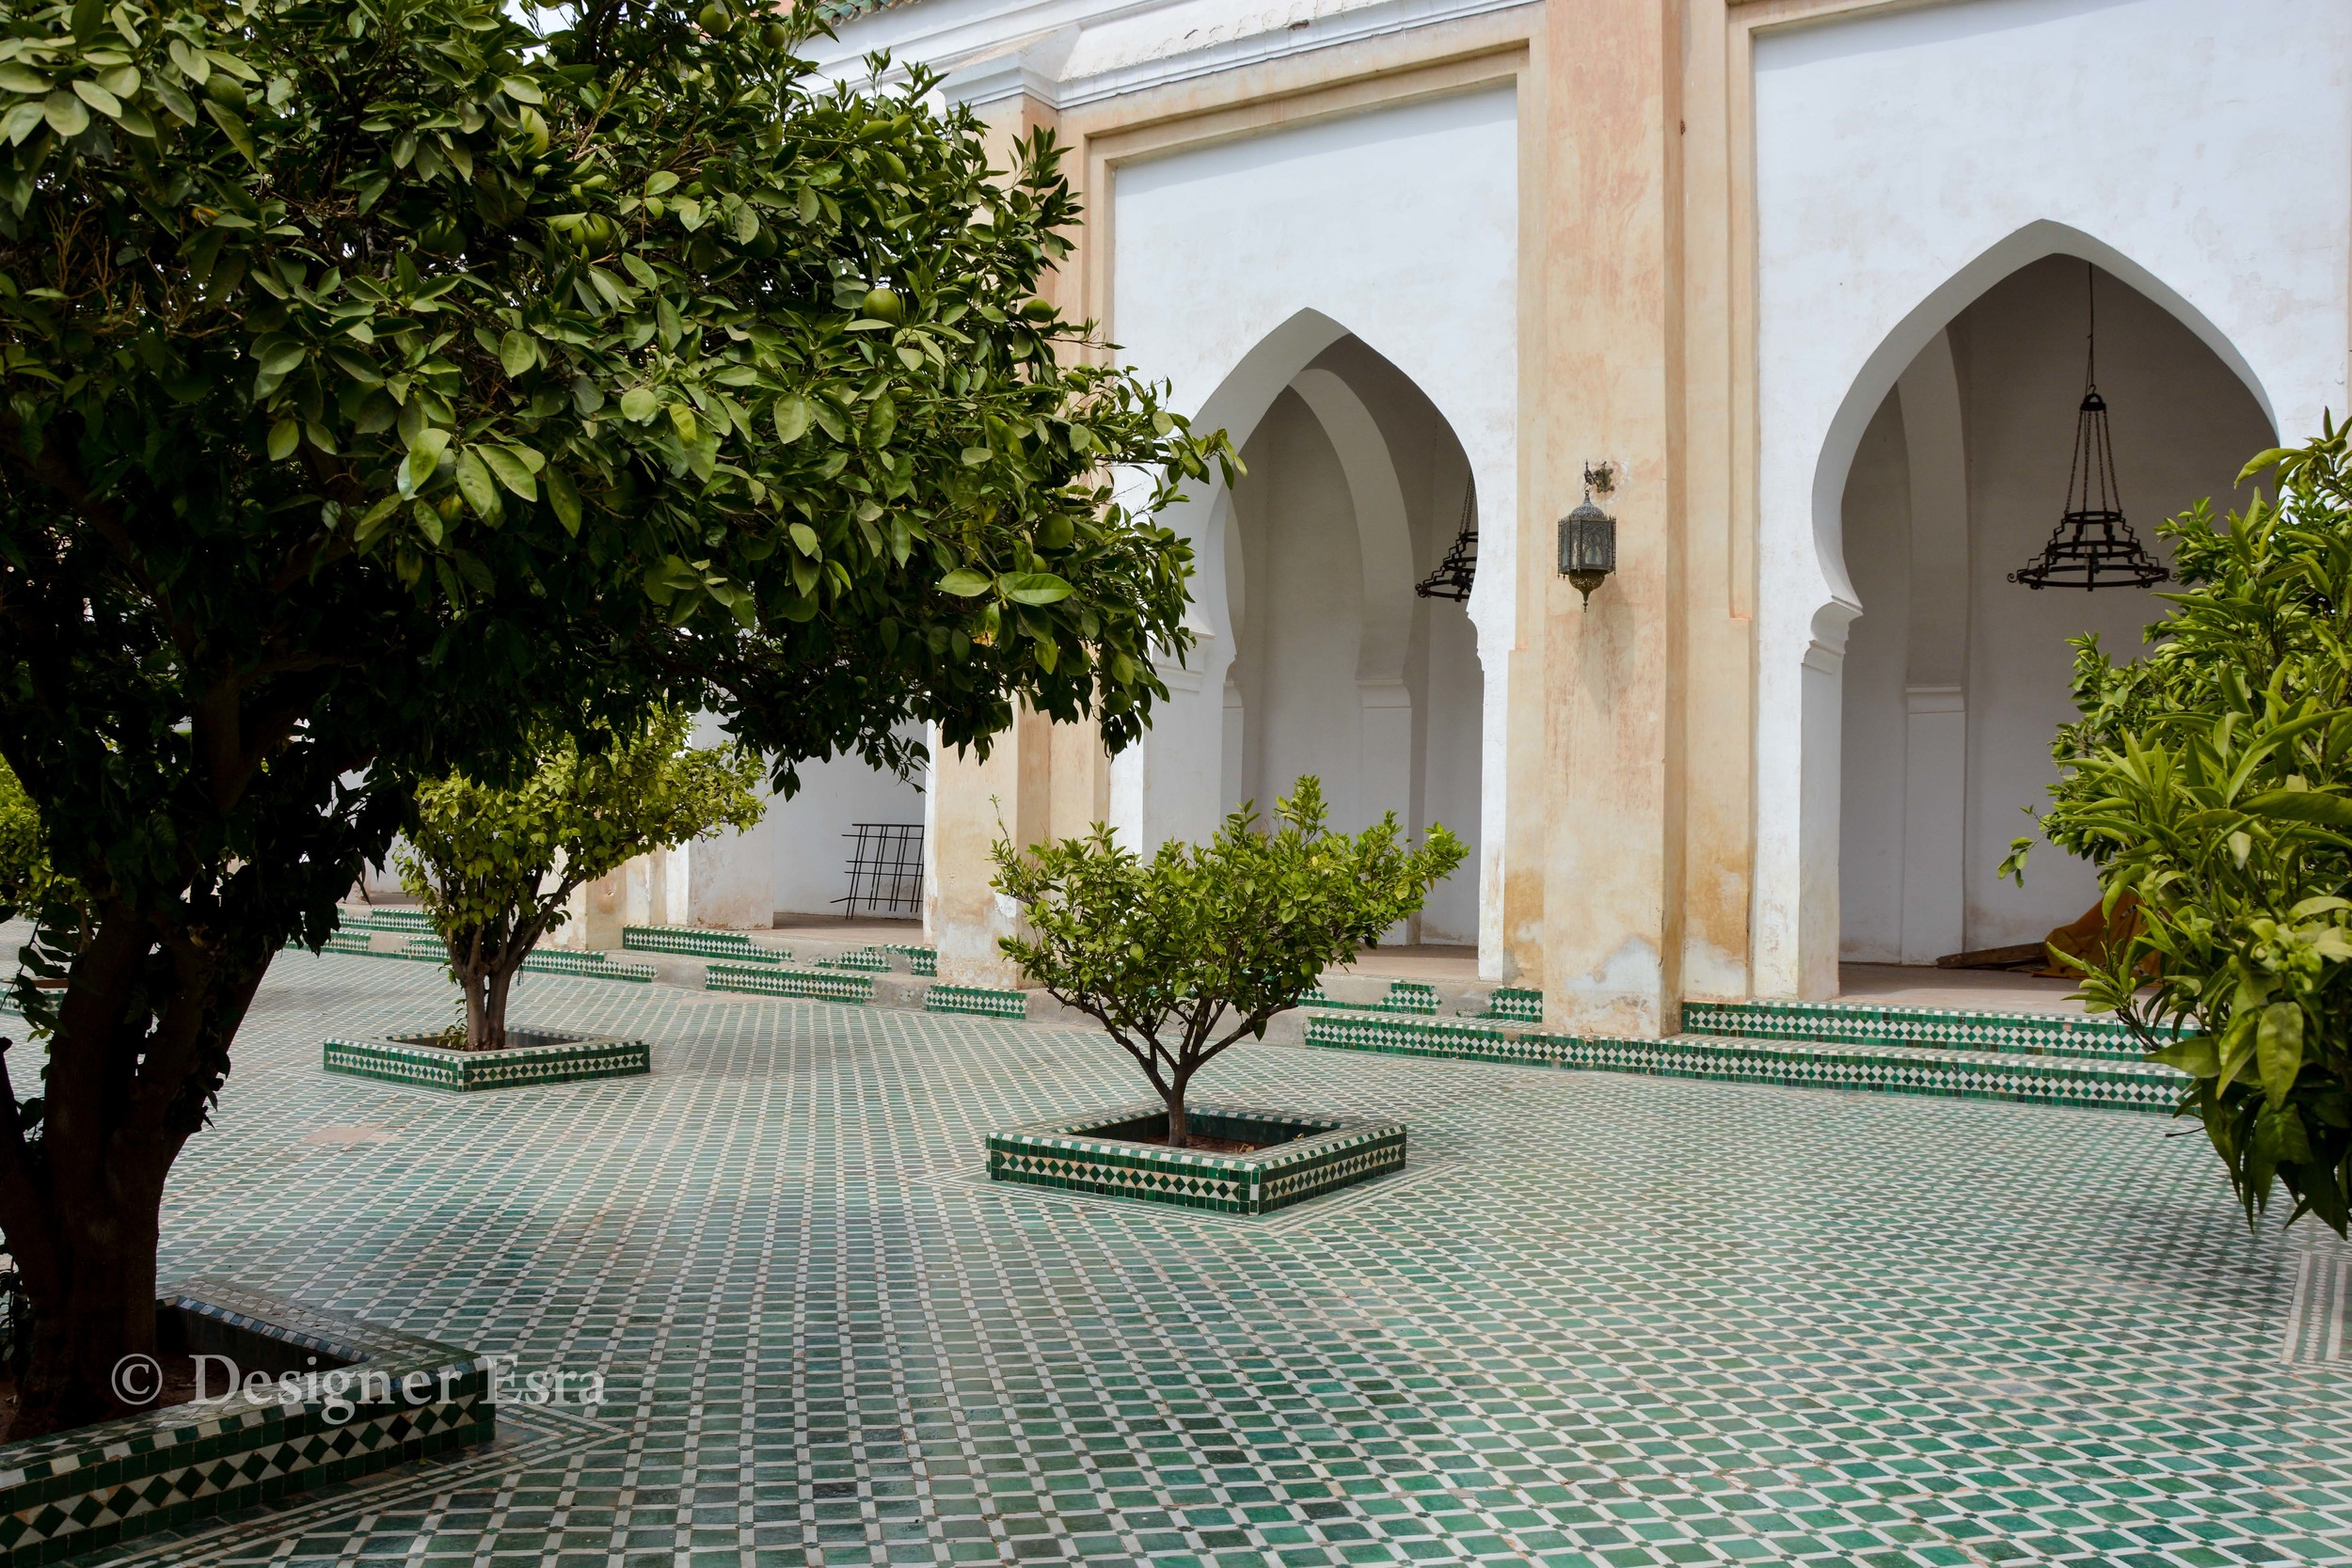 Courtyard in Koutoubia Mosque